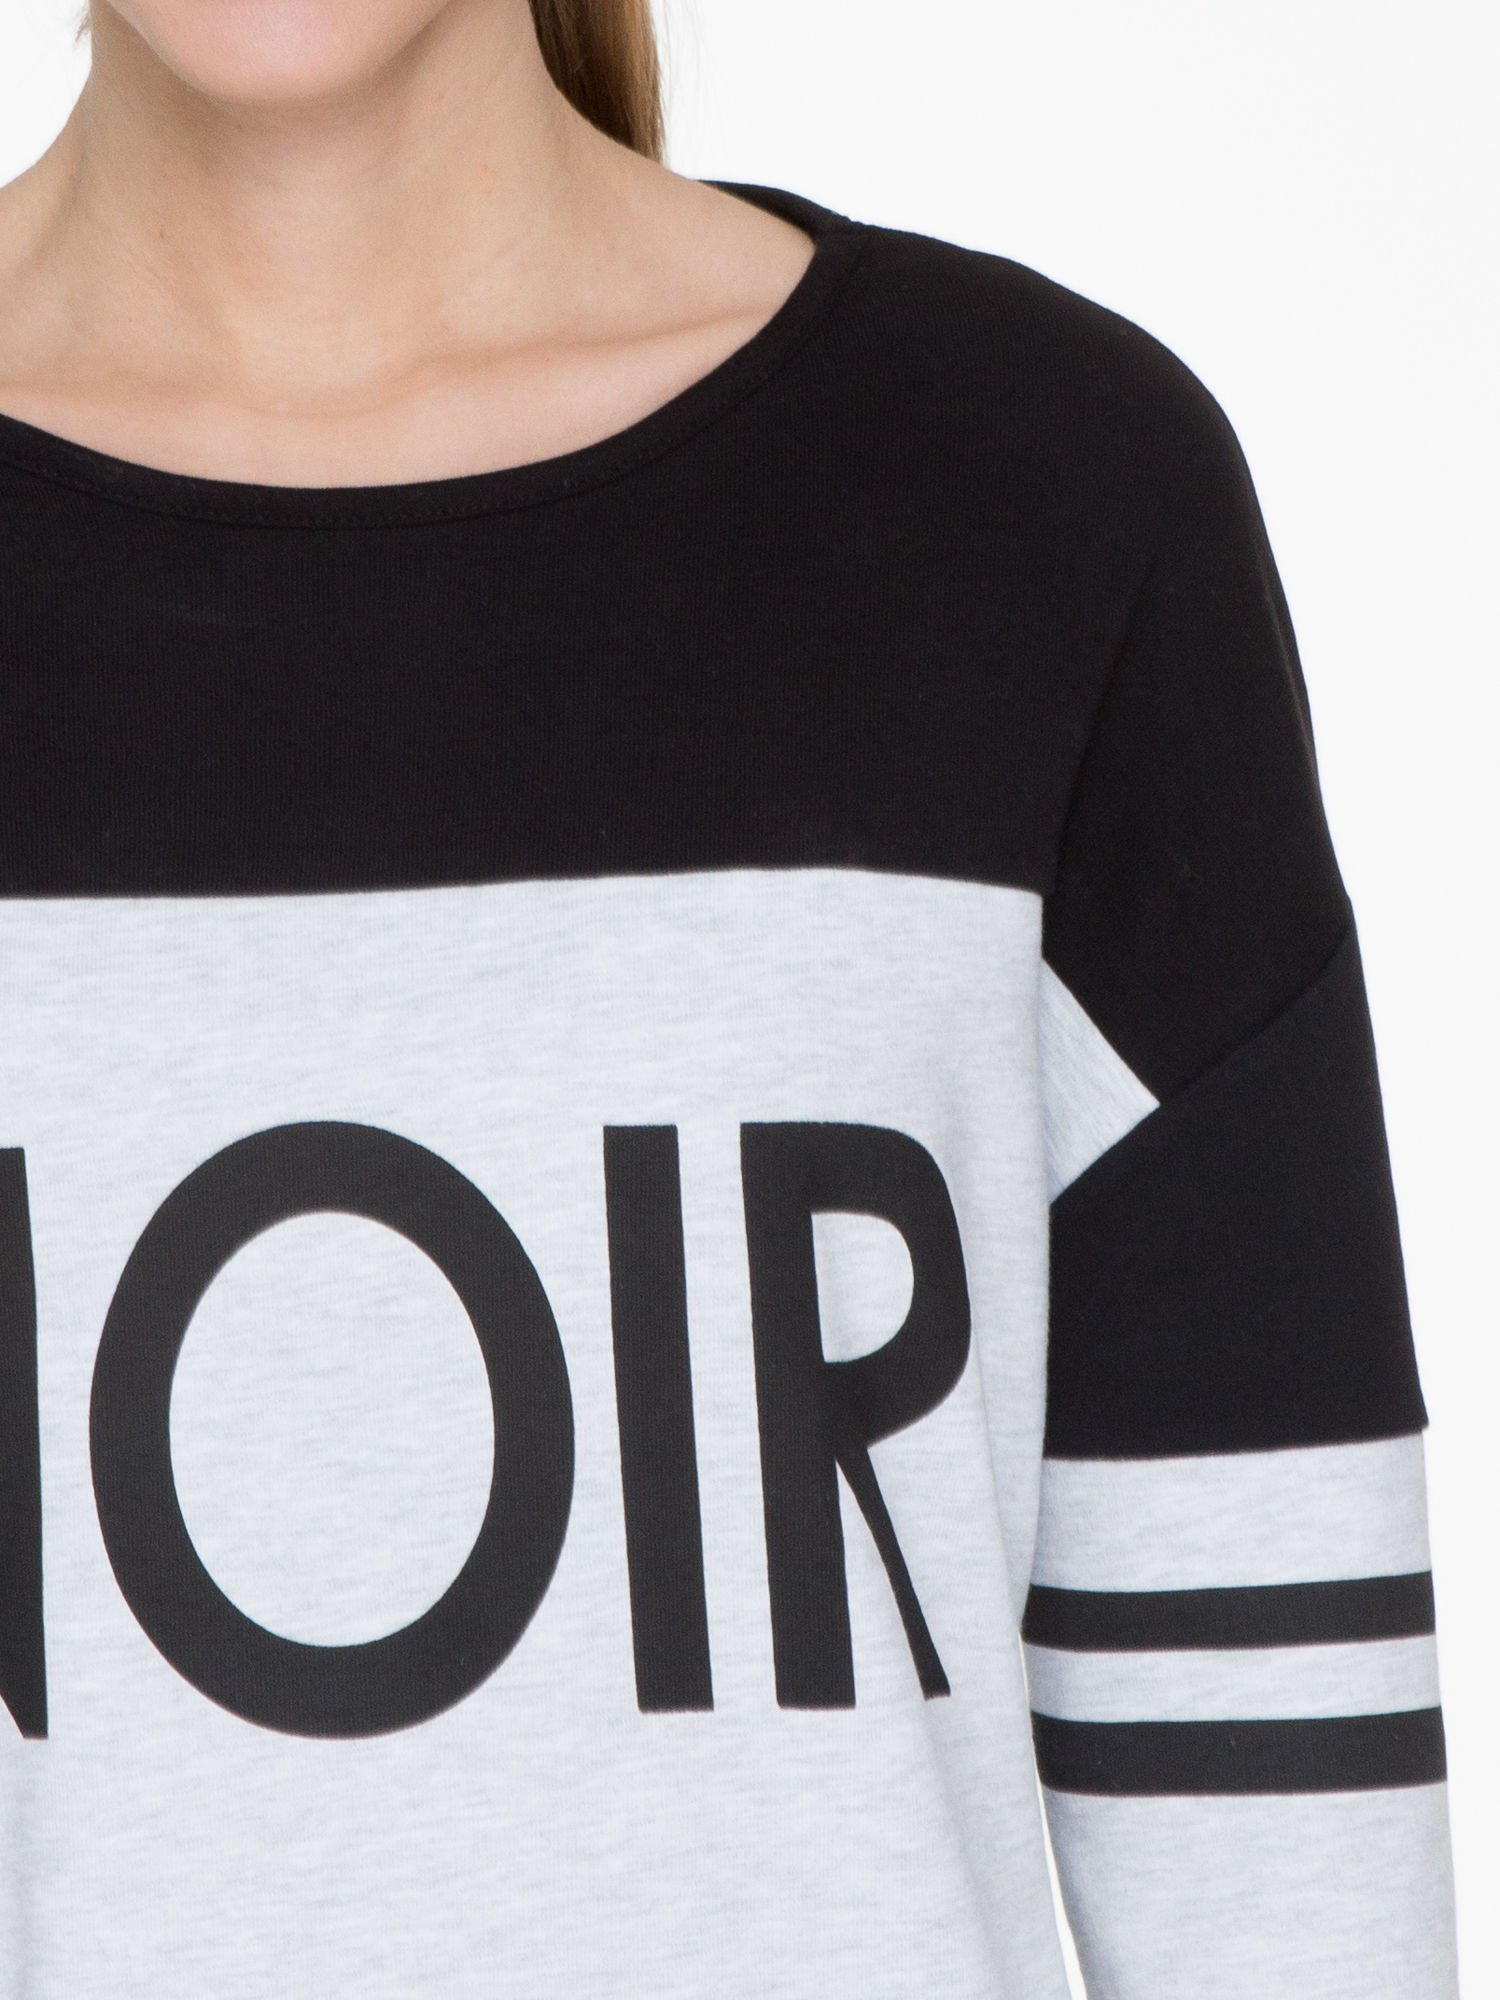 Szara sukienka z napisem NOIR w stylu sportowym                                  zdj.                                  5